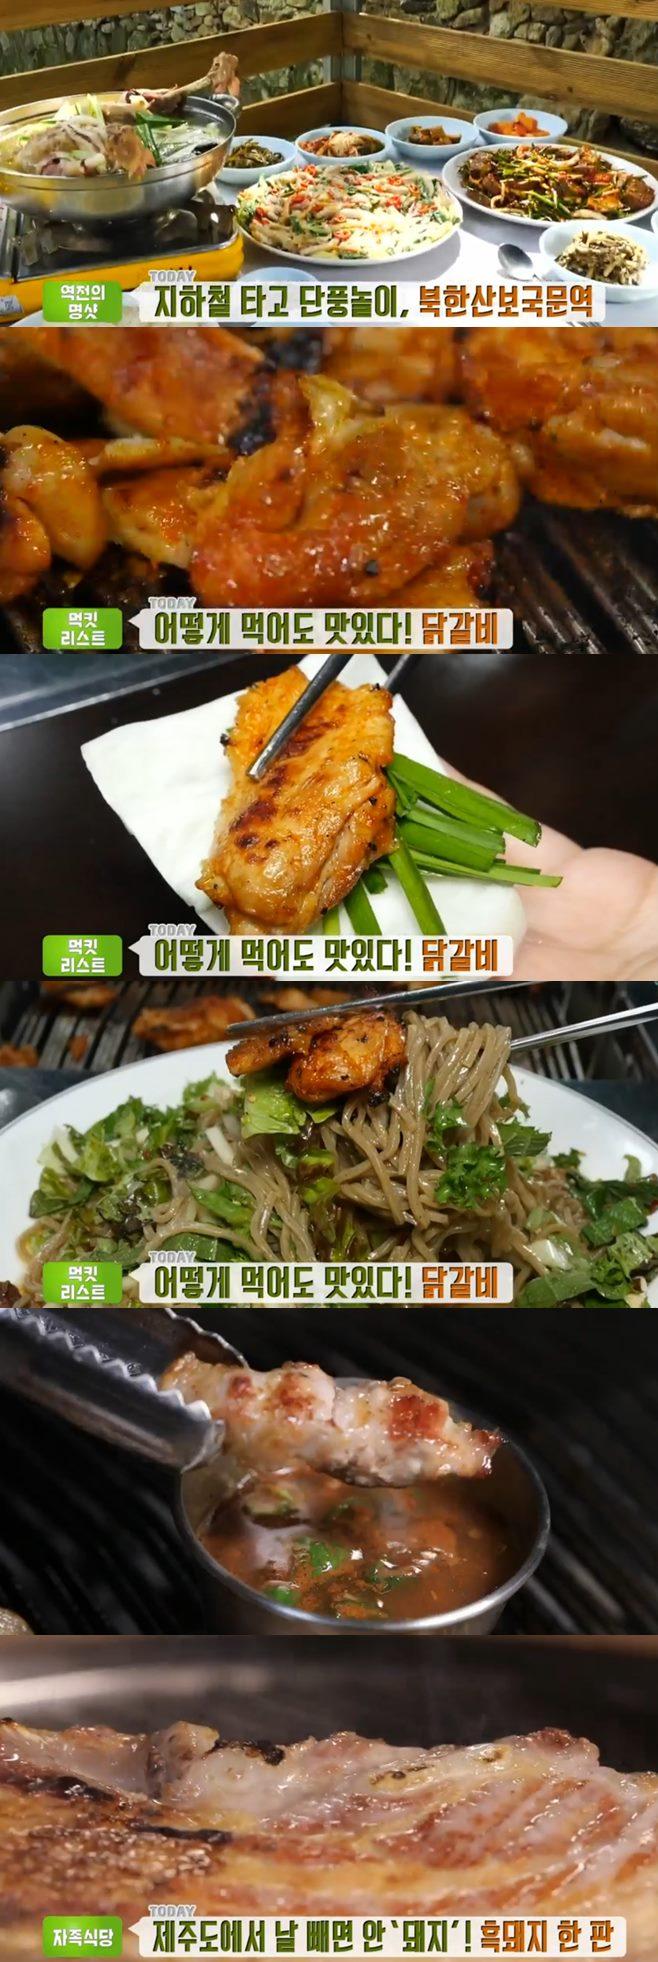 '생방송투데이' 숯불닭갈비+물닭갈비+자족식당 제주 흑돼지모둠구이(제주흑돈세상수라간 표선점) 맛집